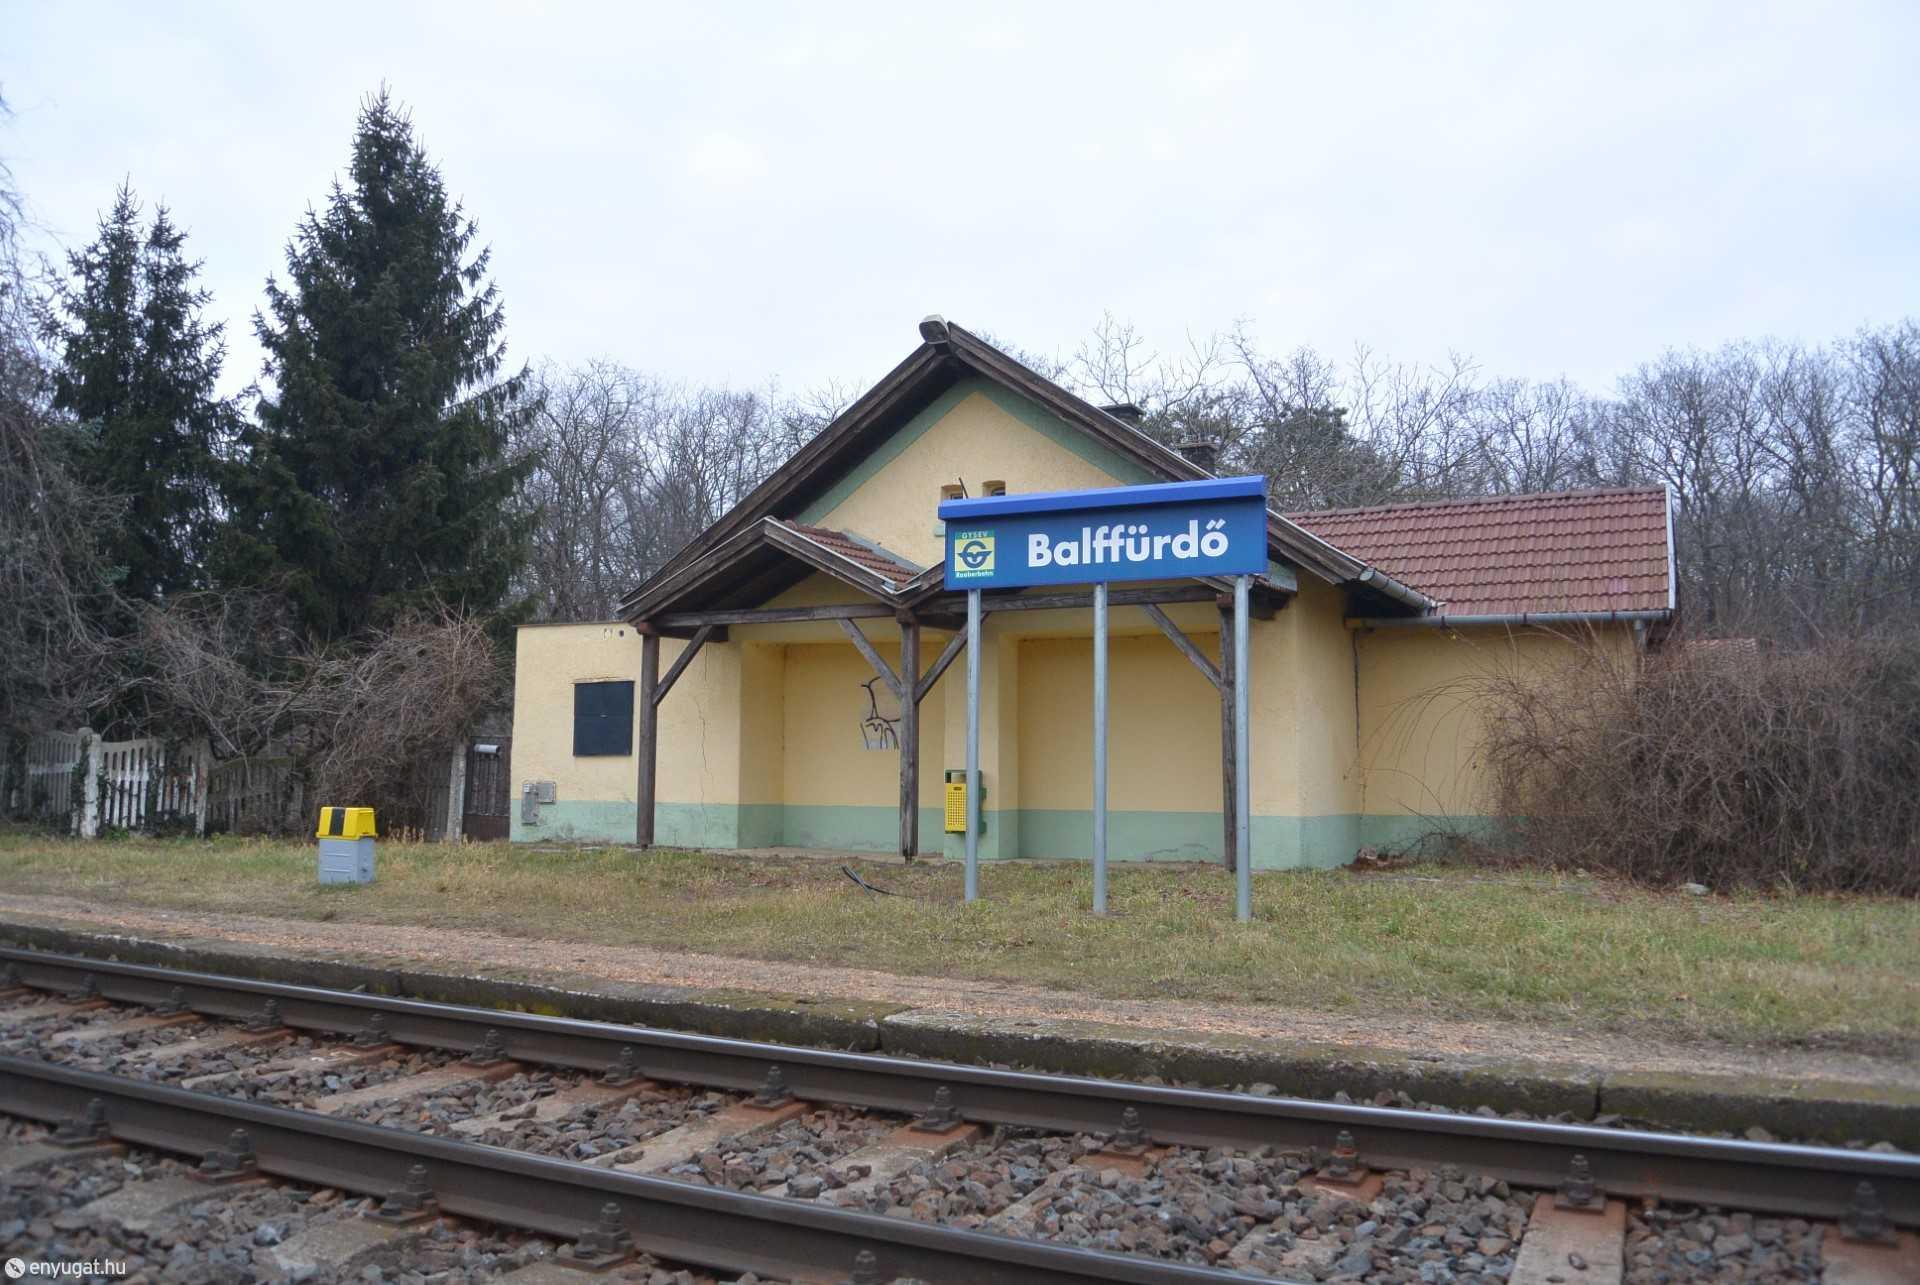 Balffürdő megállóhely, a vonatok nem állnak meg